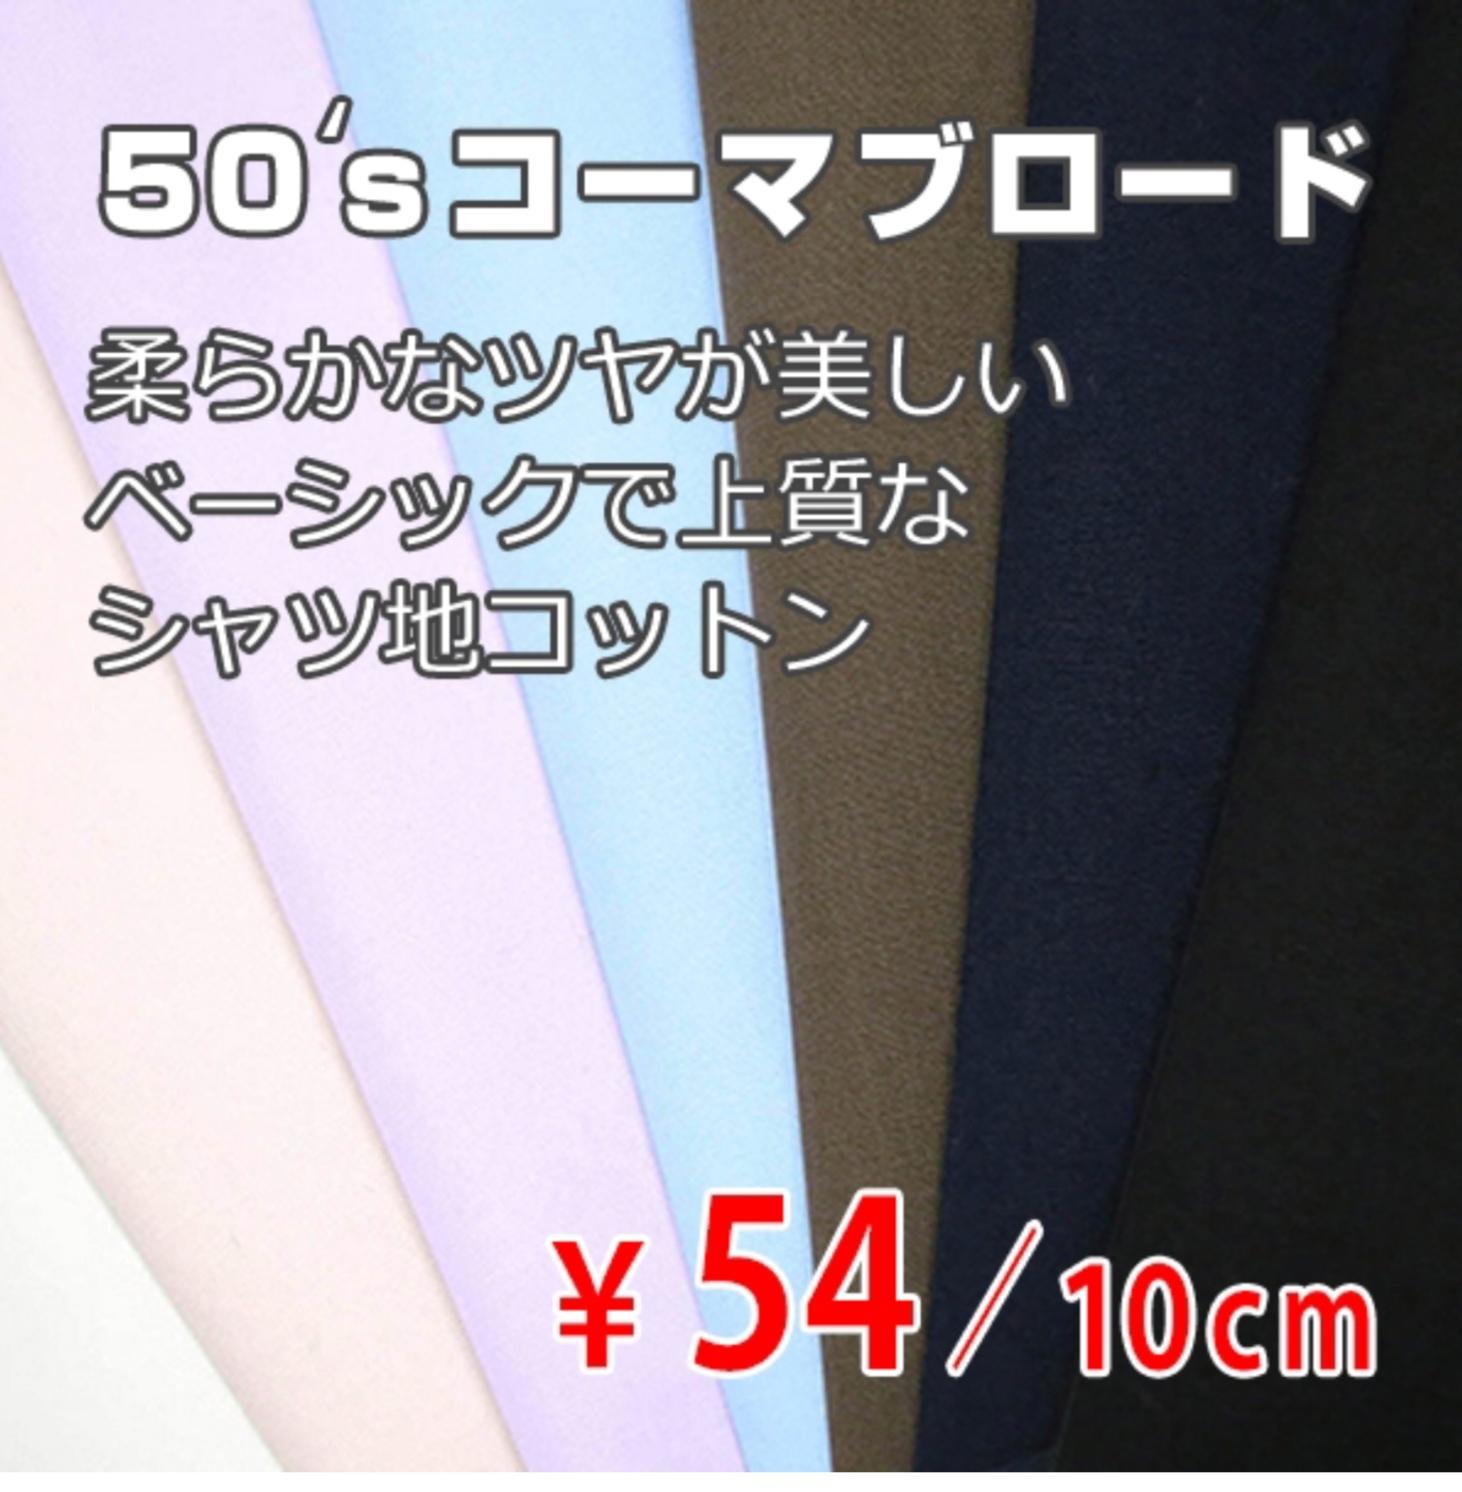 f0046194_16314861.jpg